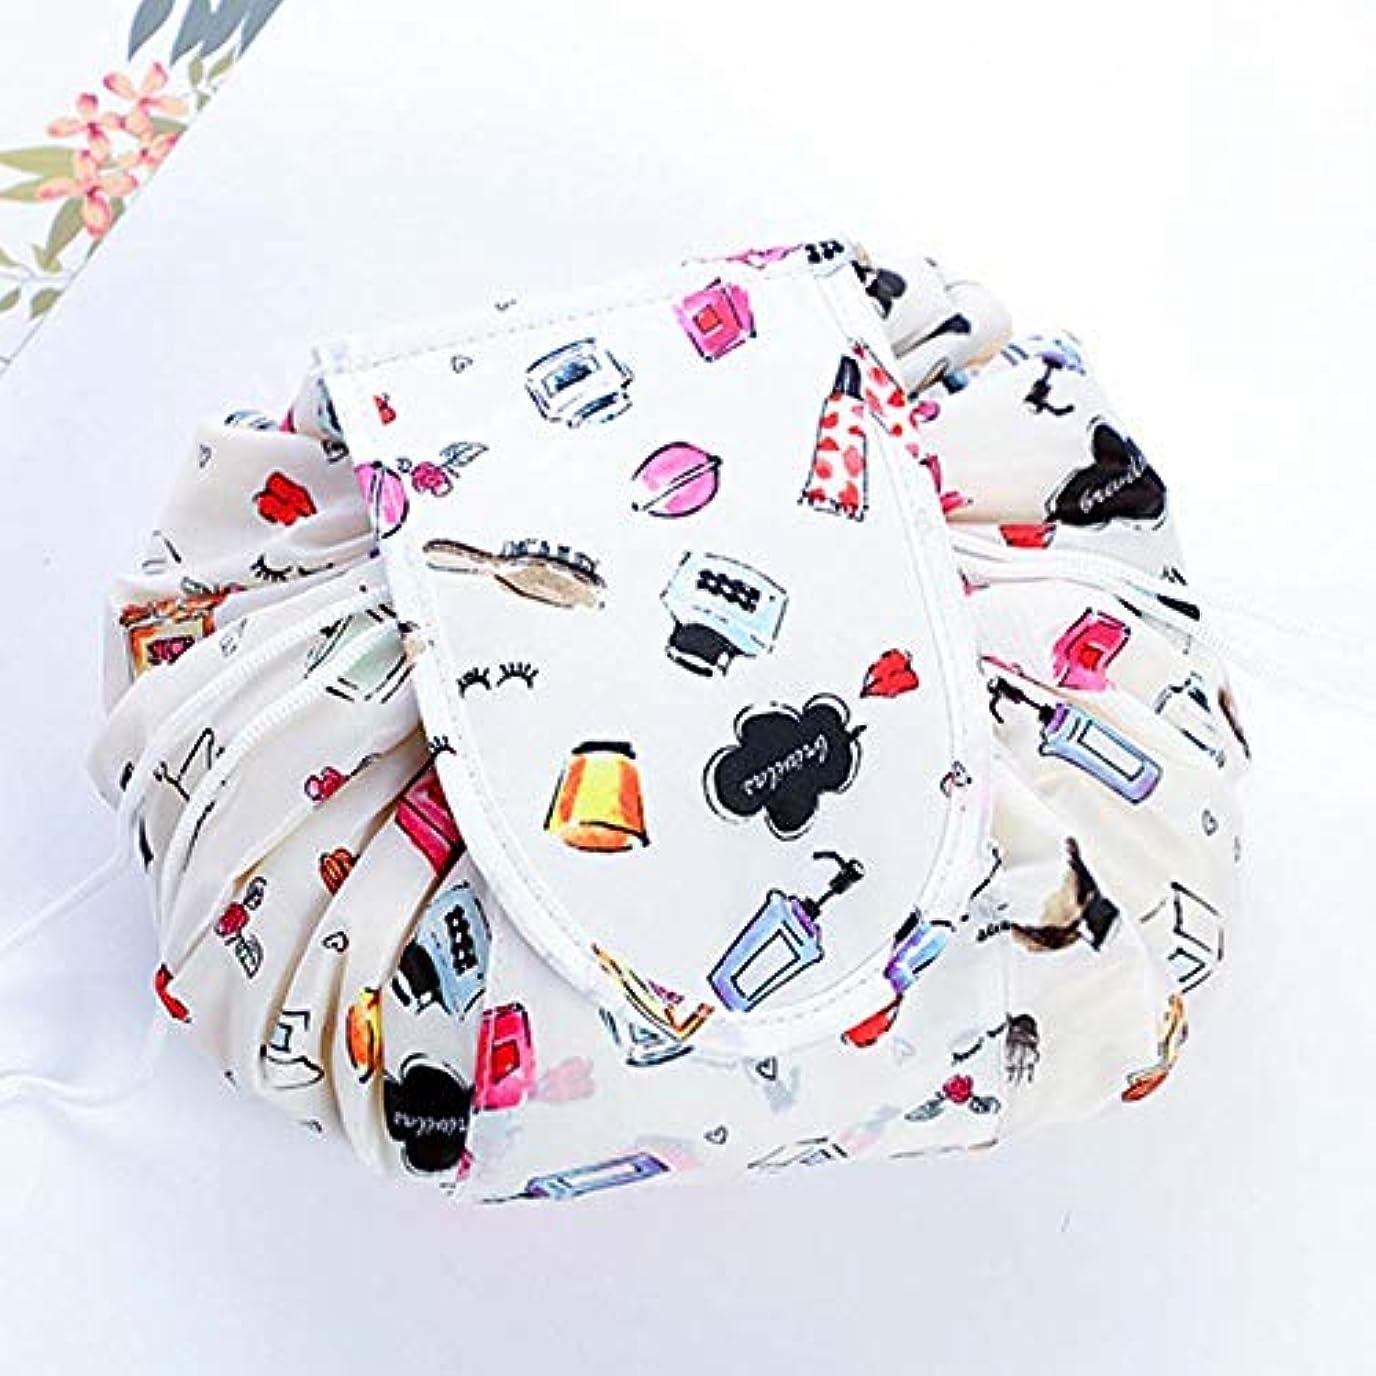 地上のストライクデザイナーLORAER Qianer 化粧バッグ 化粧ポーチ マジックポーチ 巾着型 丸型 メイクバッグ 風呂敷 レディース 防水 大容量 折り畳み コンパクト 超軽量 収納携帯用 便利 出張 旅行 人気 おしゃれ 可愛い(H06)